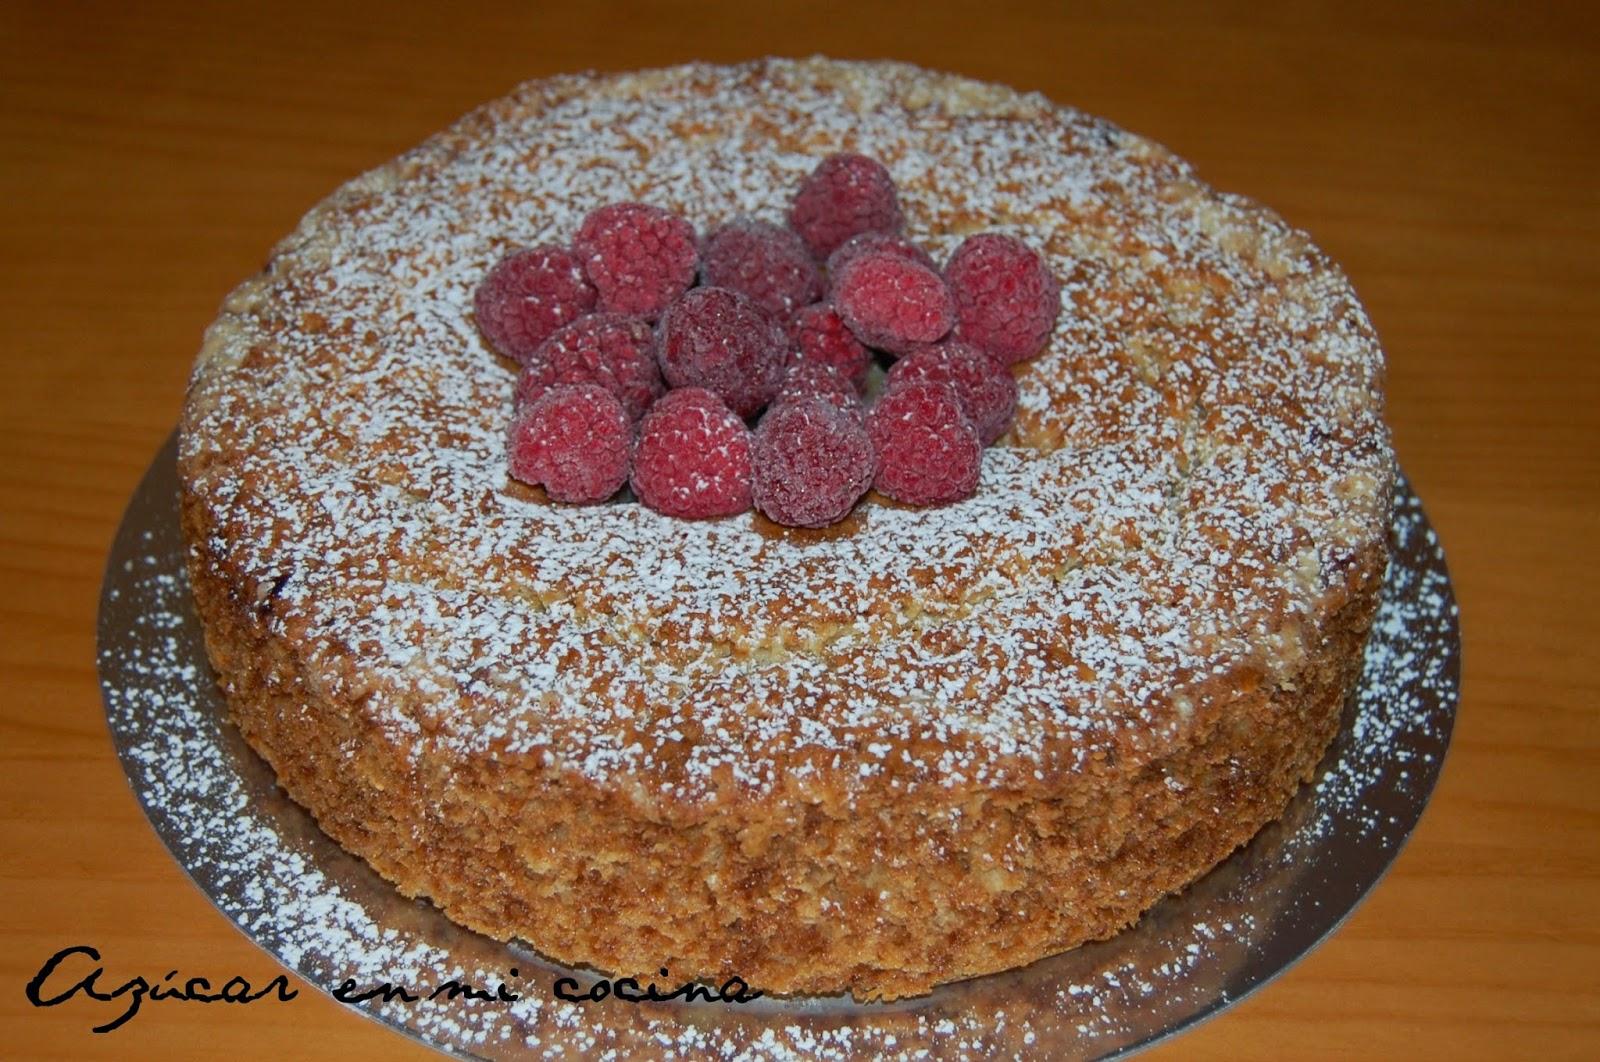 http://azucarenmicocina.blogspot.com.es/2014/06/pastel-de-bizcocho-crema-de-queso-y.html